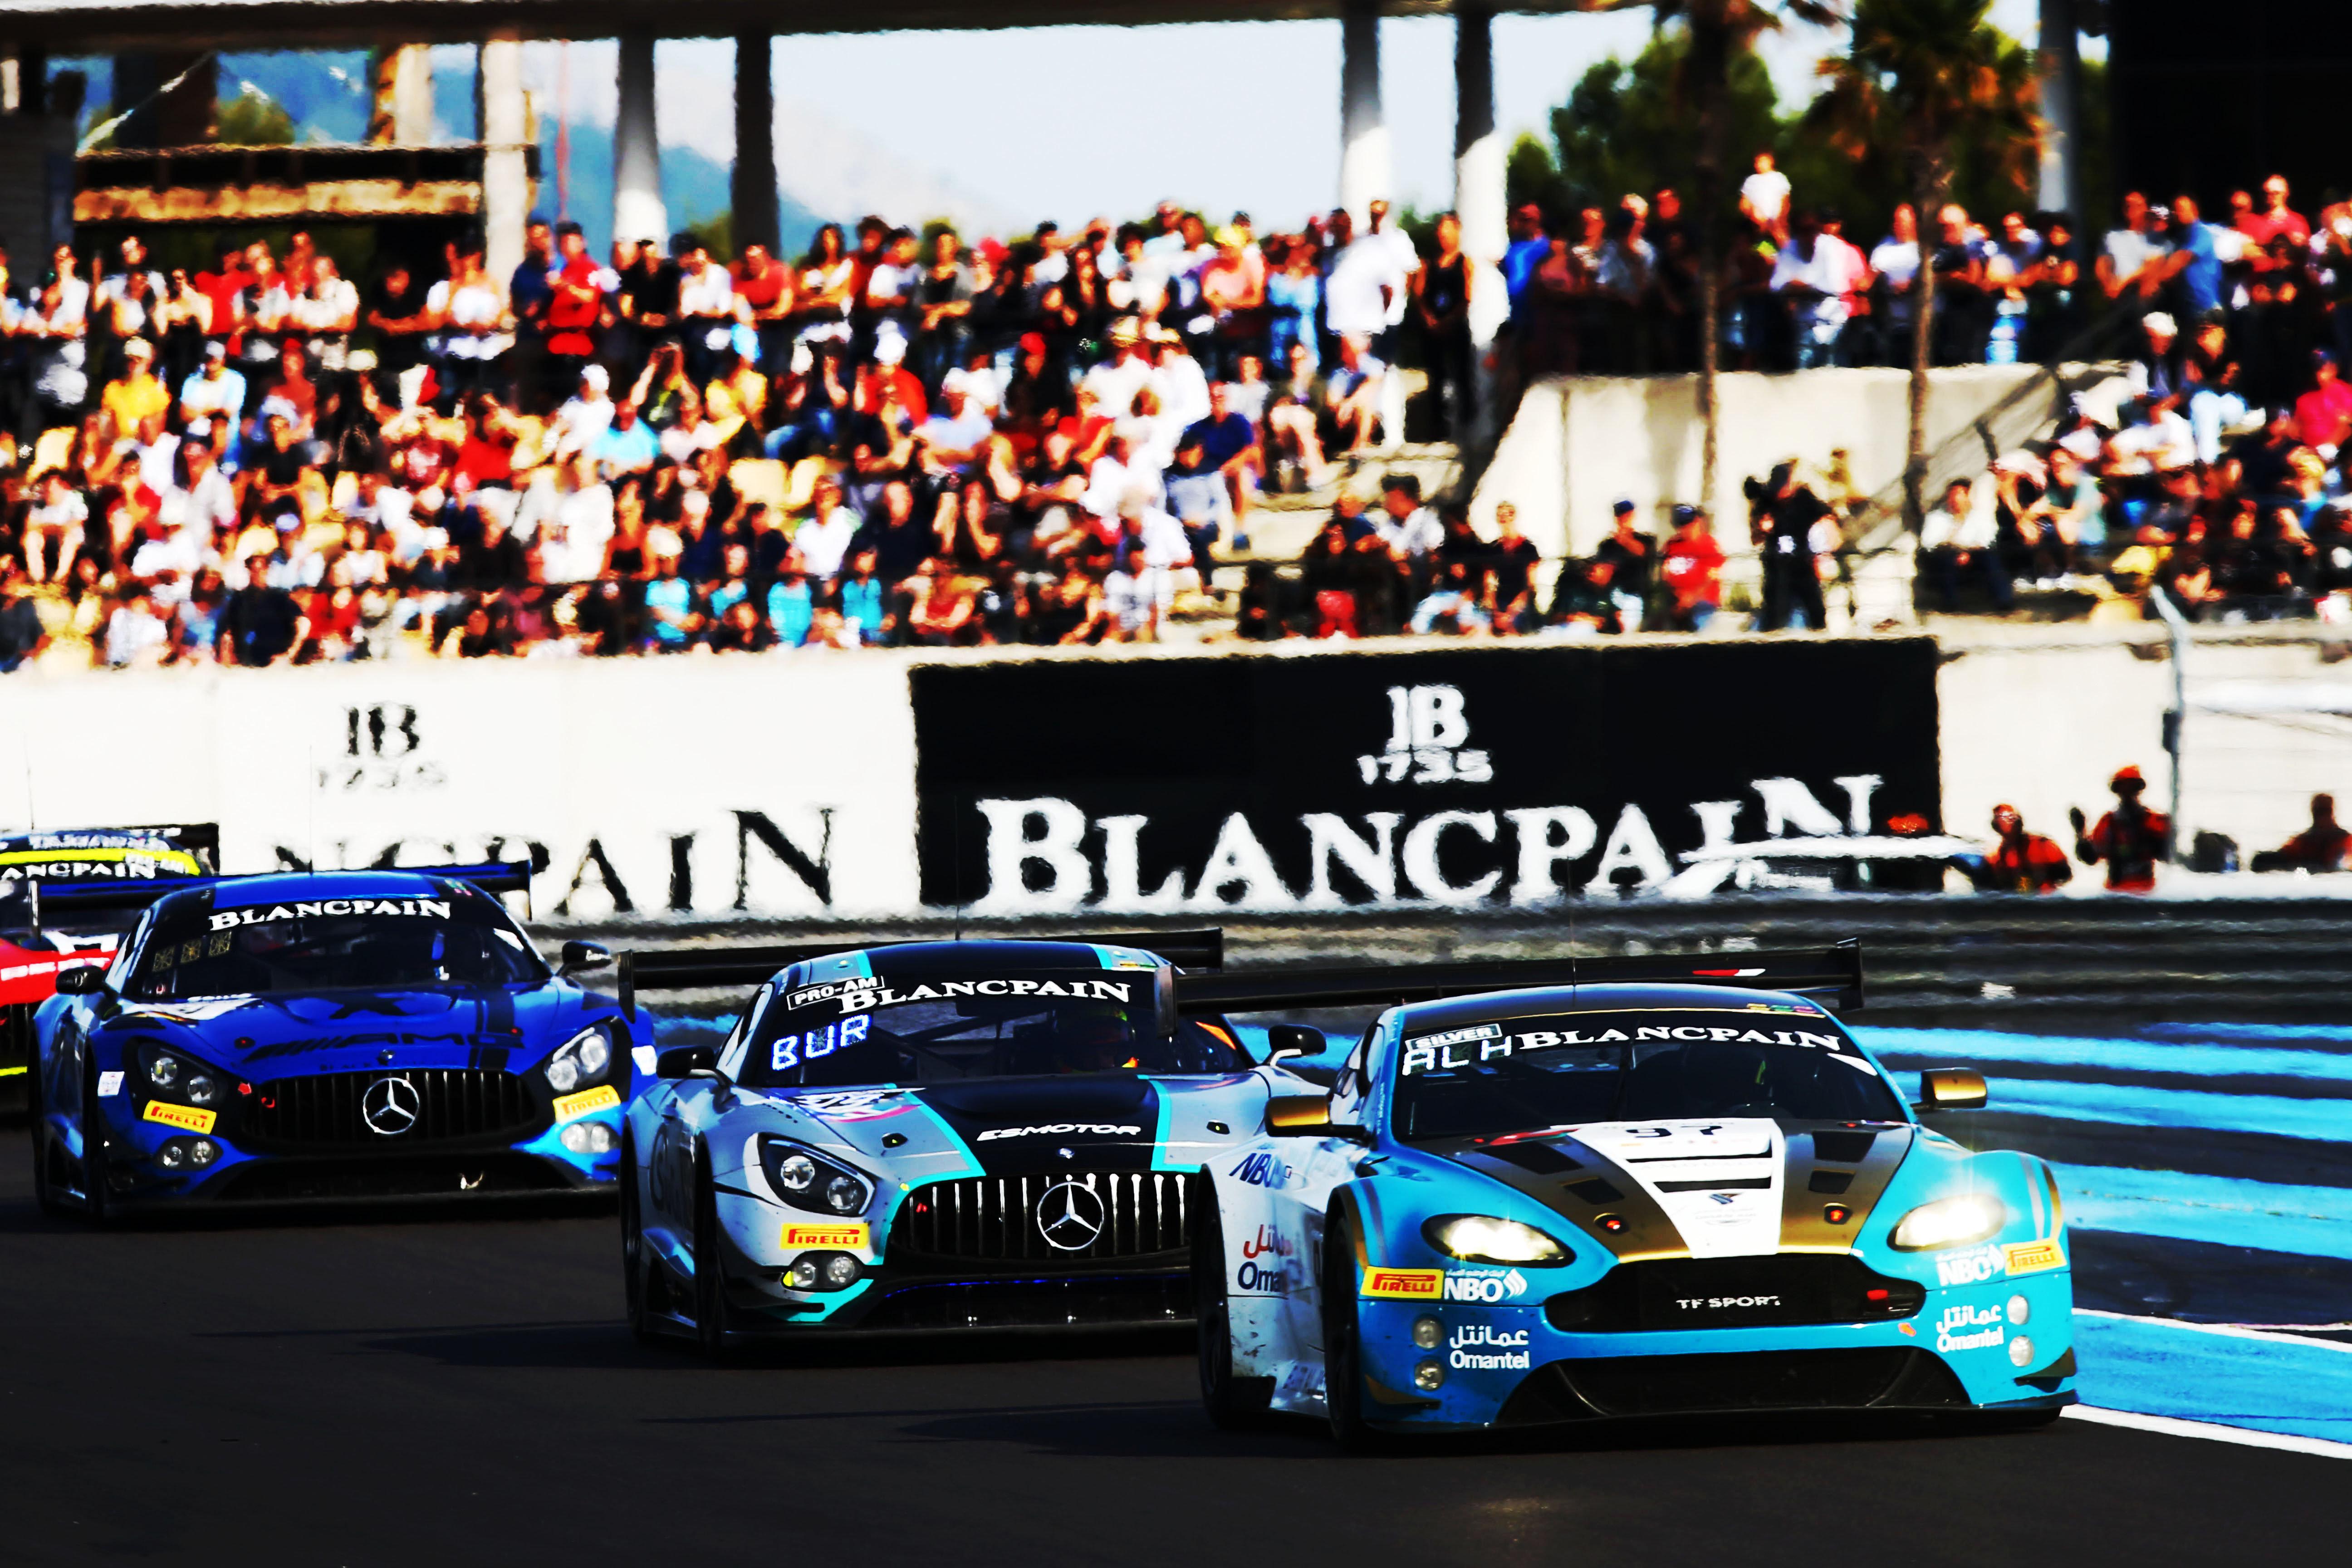 في بطولة بلانك بان بفرنسا عمان لسباقات السيارات رابعاً بالكأس الفضية